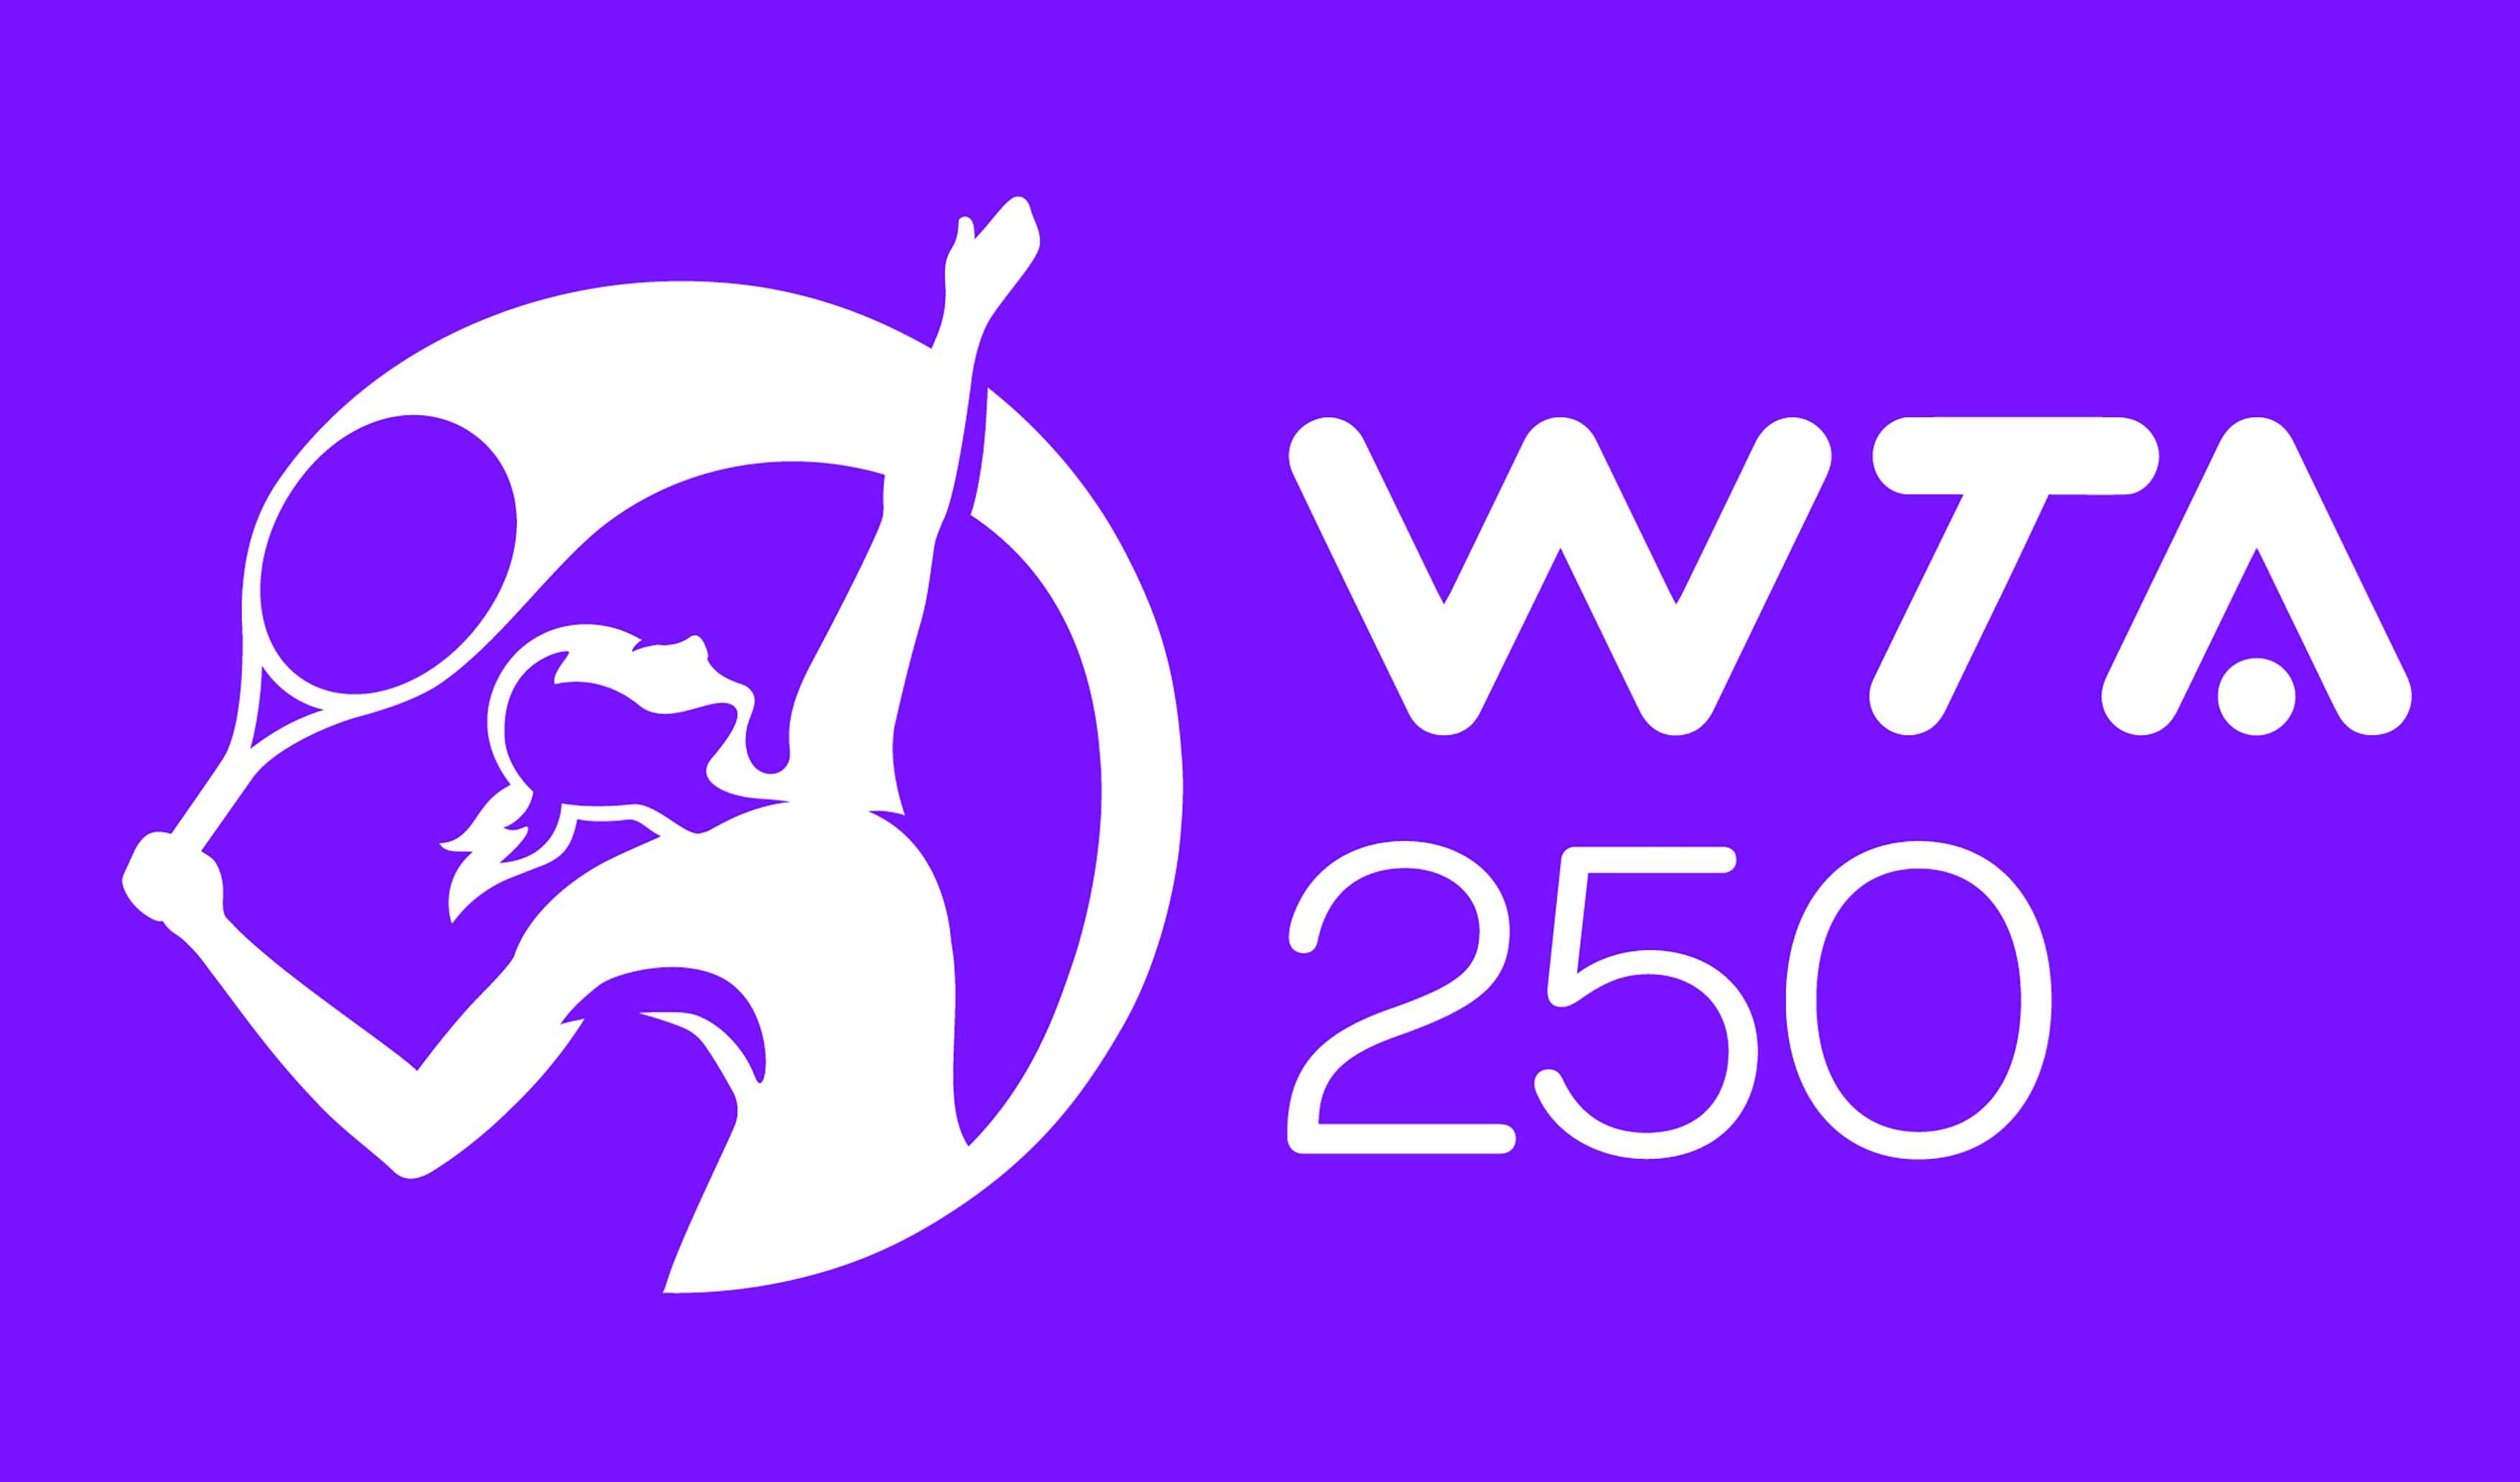 WTA 250 logo purple